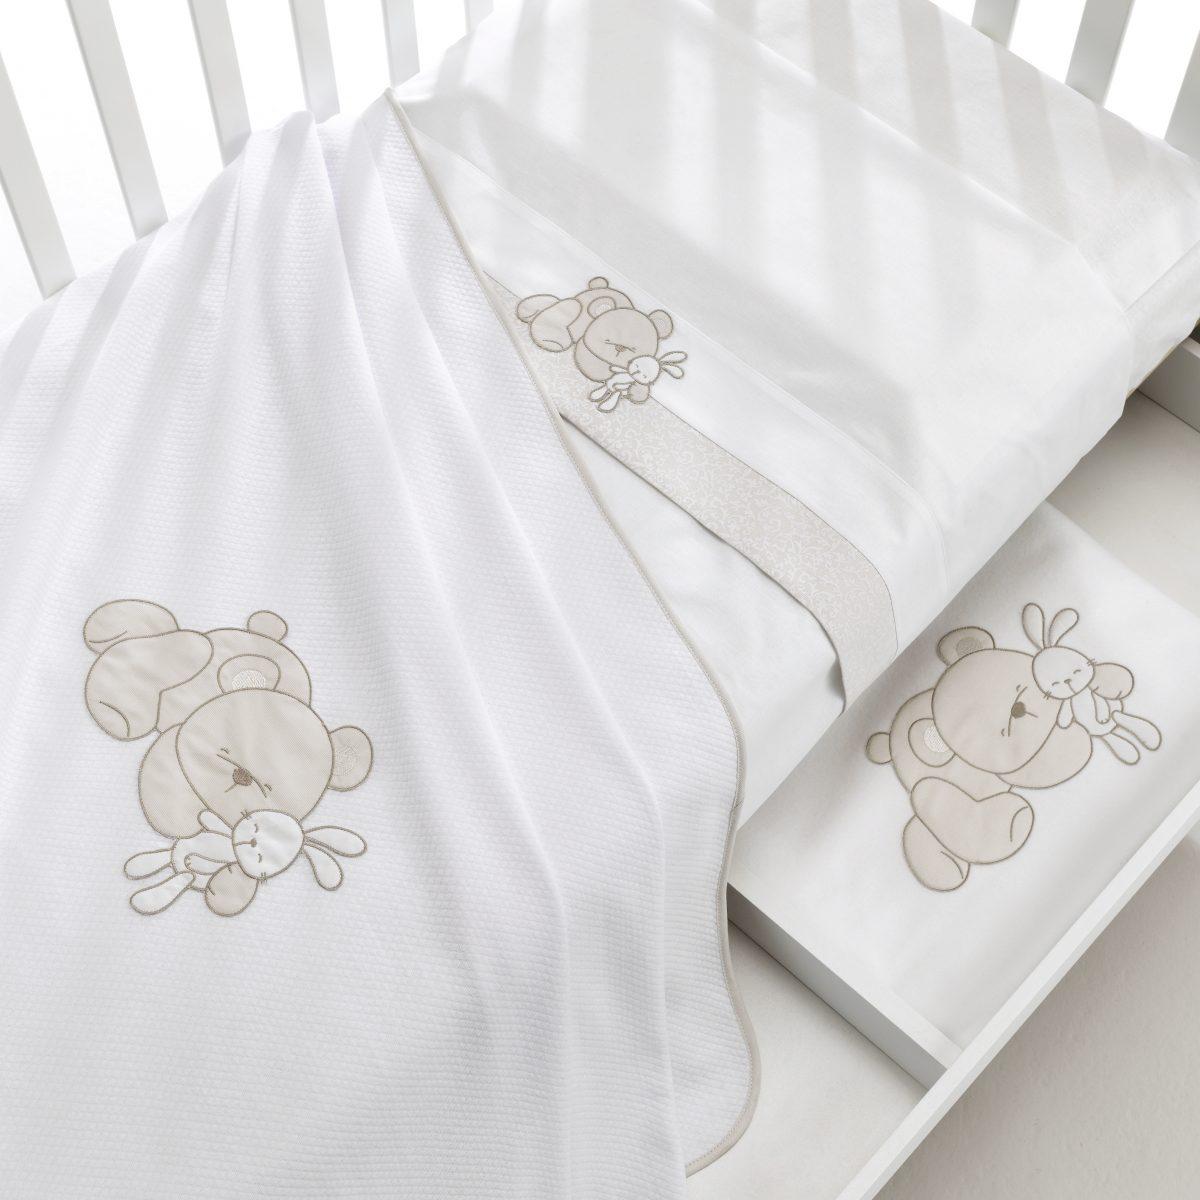 luxusní dětský nábytek - designové textilie Birba